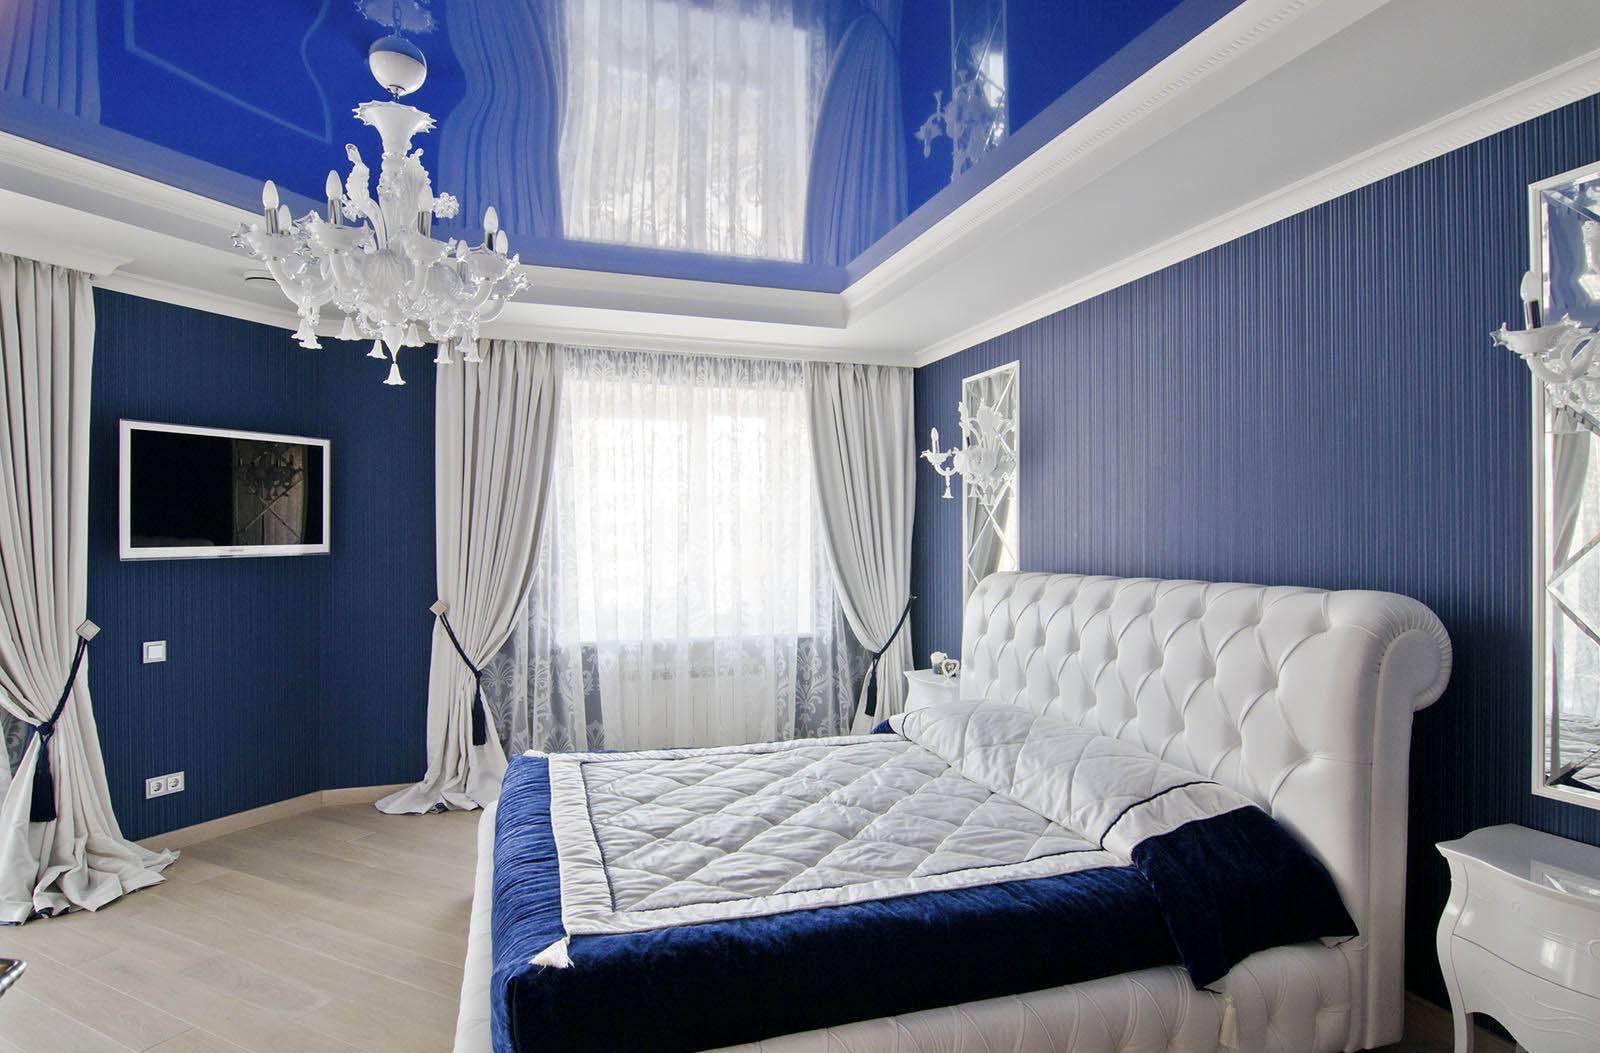 Потолок в спальне (77 фото): какой лучше сделать, красивые варианты-2021 дизайна потолка в интерьере маленькой комнаты